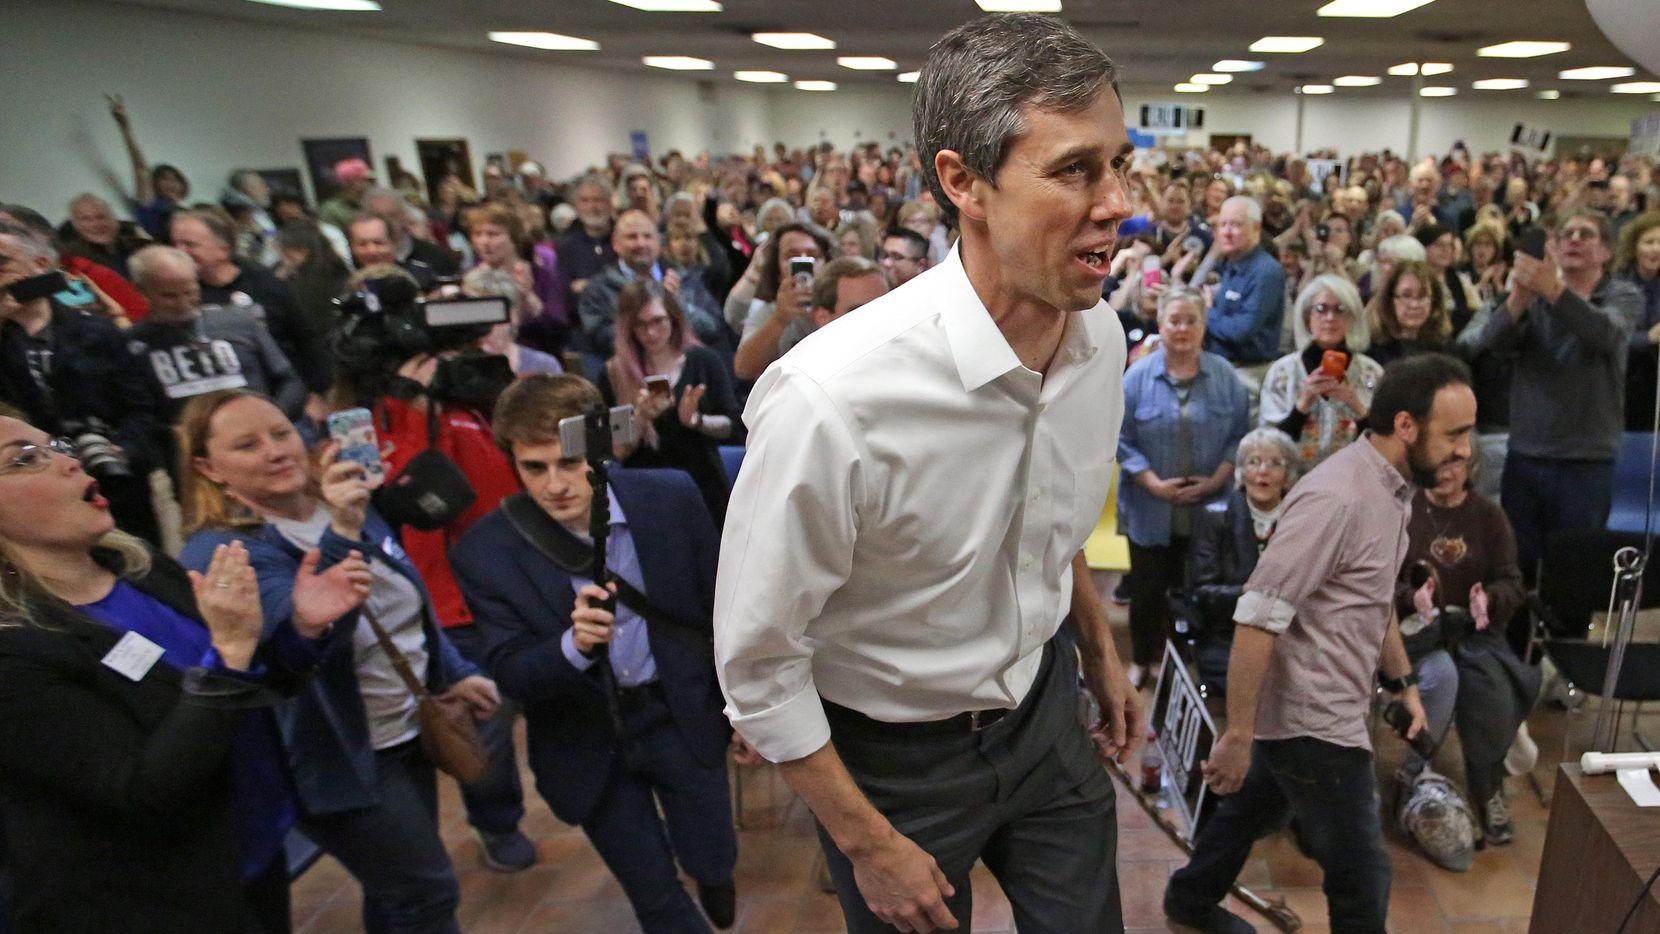 Beto O'Rourke, candidato al senado federal, participó recientemente en un foro en Garland.  LOUIS DeLUCA/DMN